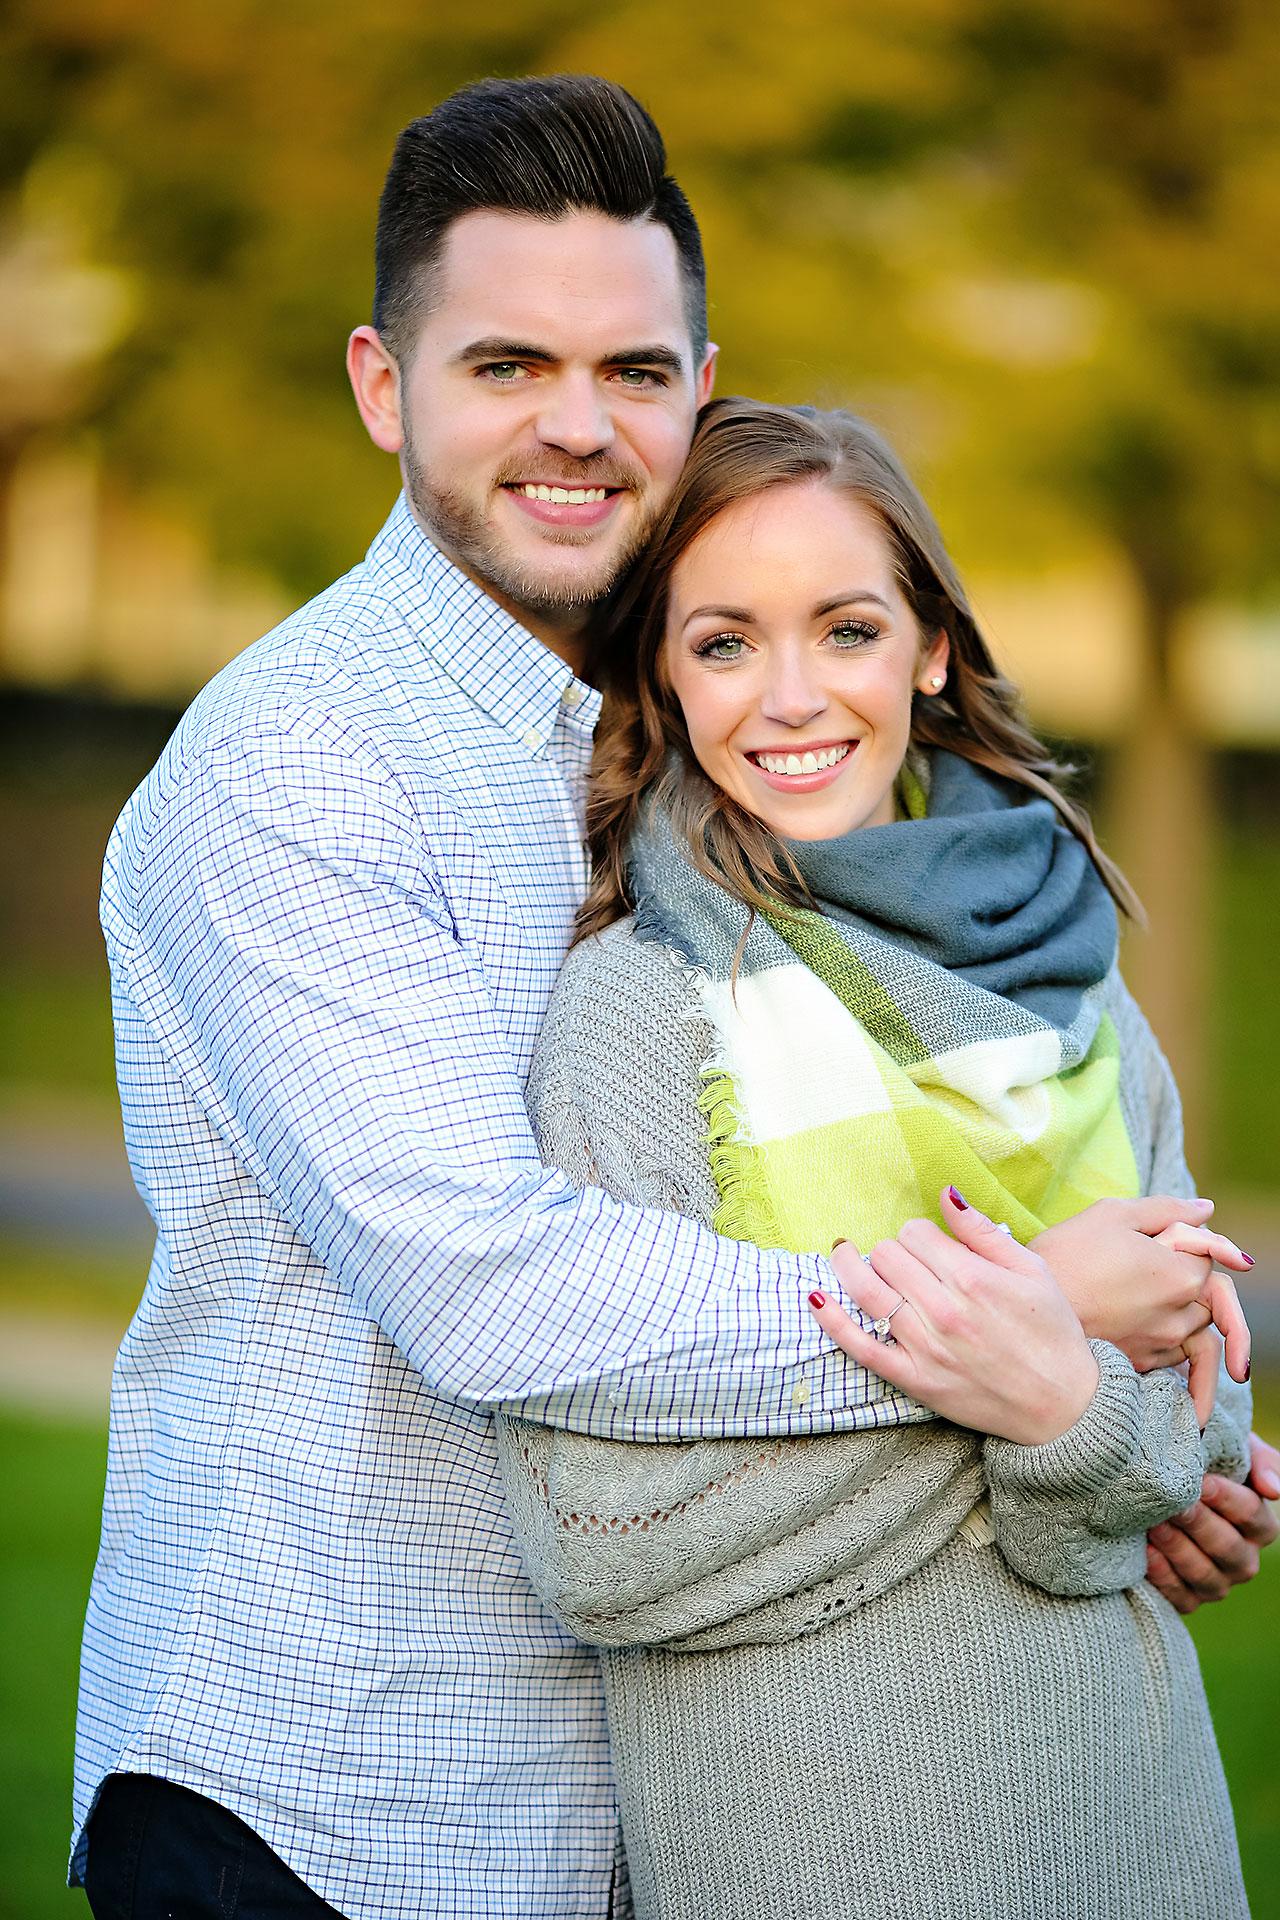 Callie Josh Carmel Indiana Engagement Session 090